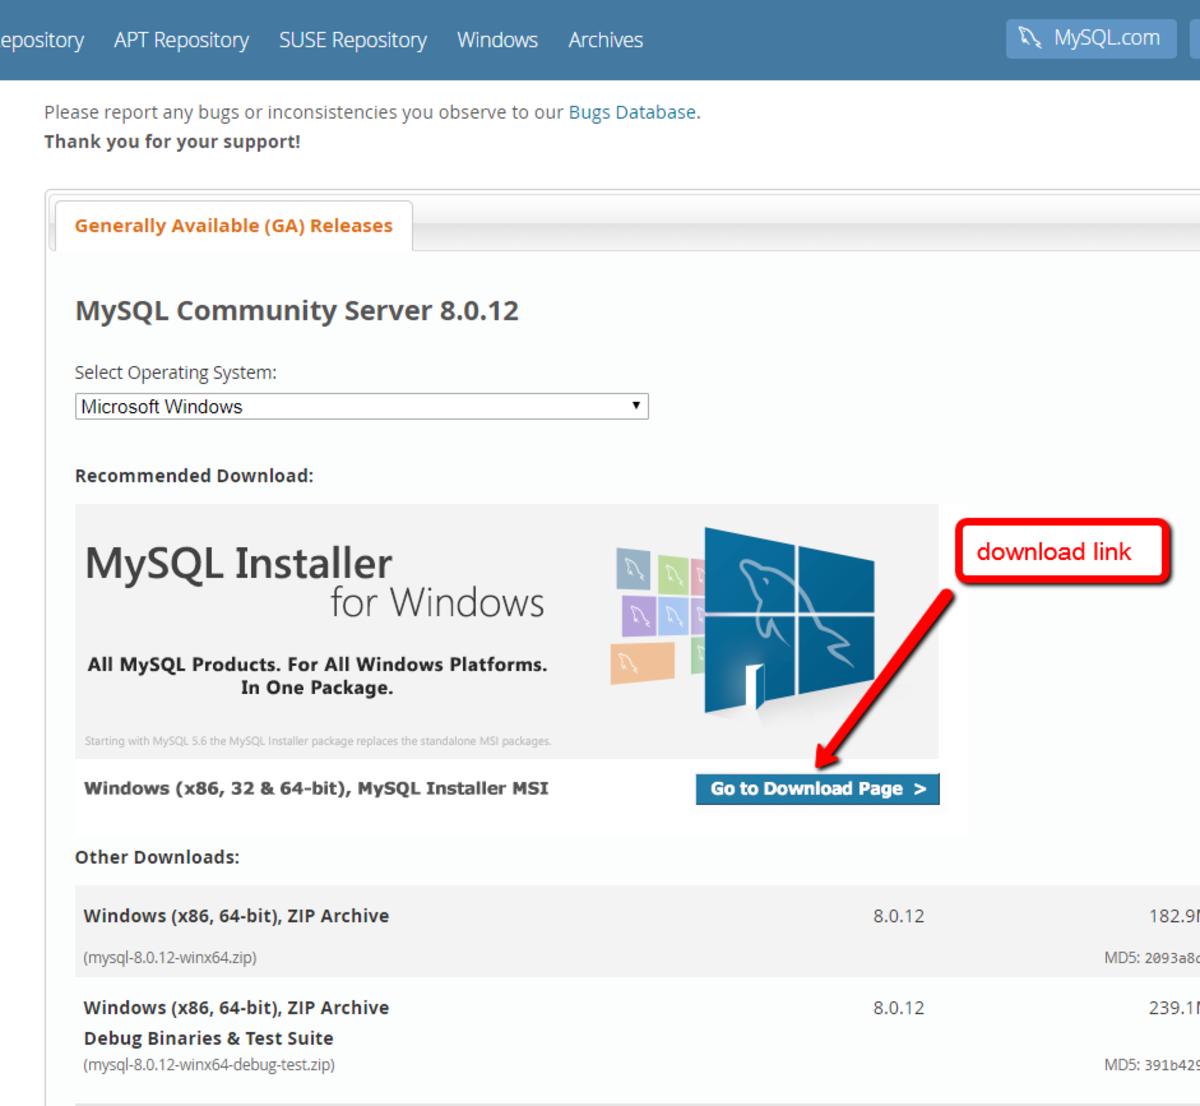 Find the download link for the community server installer.